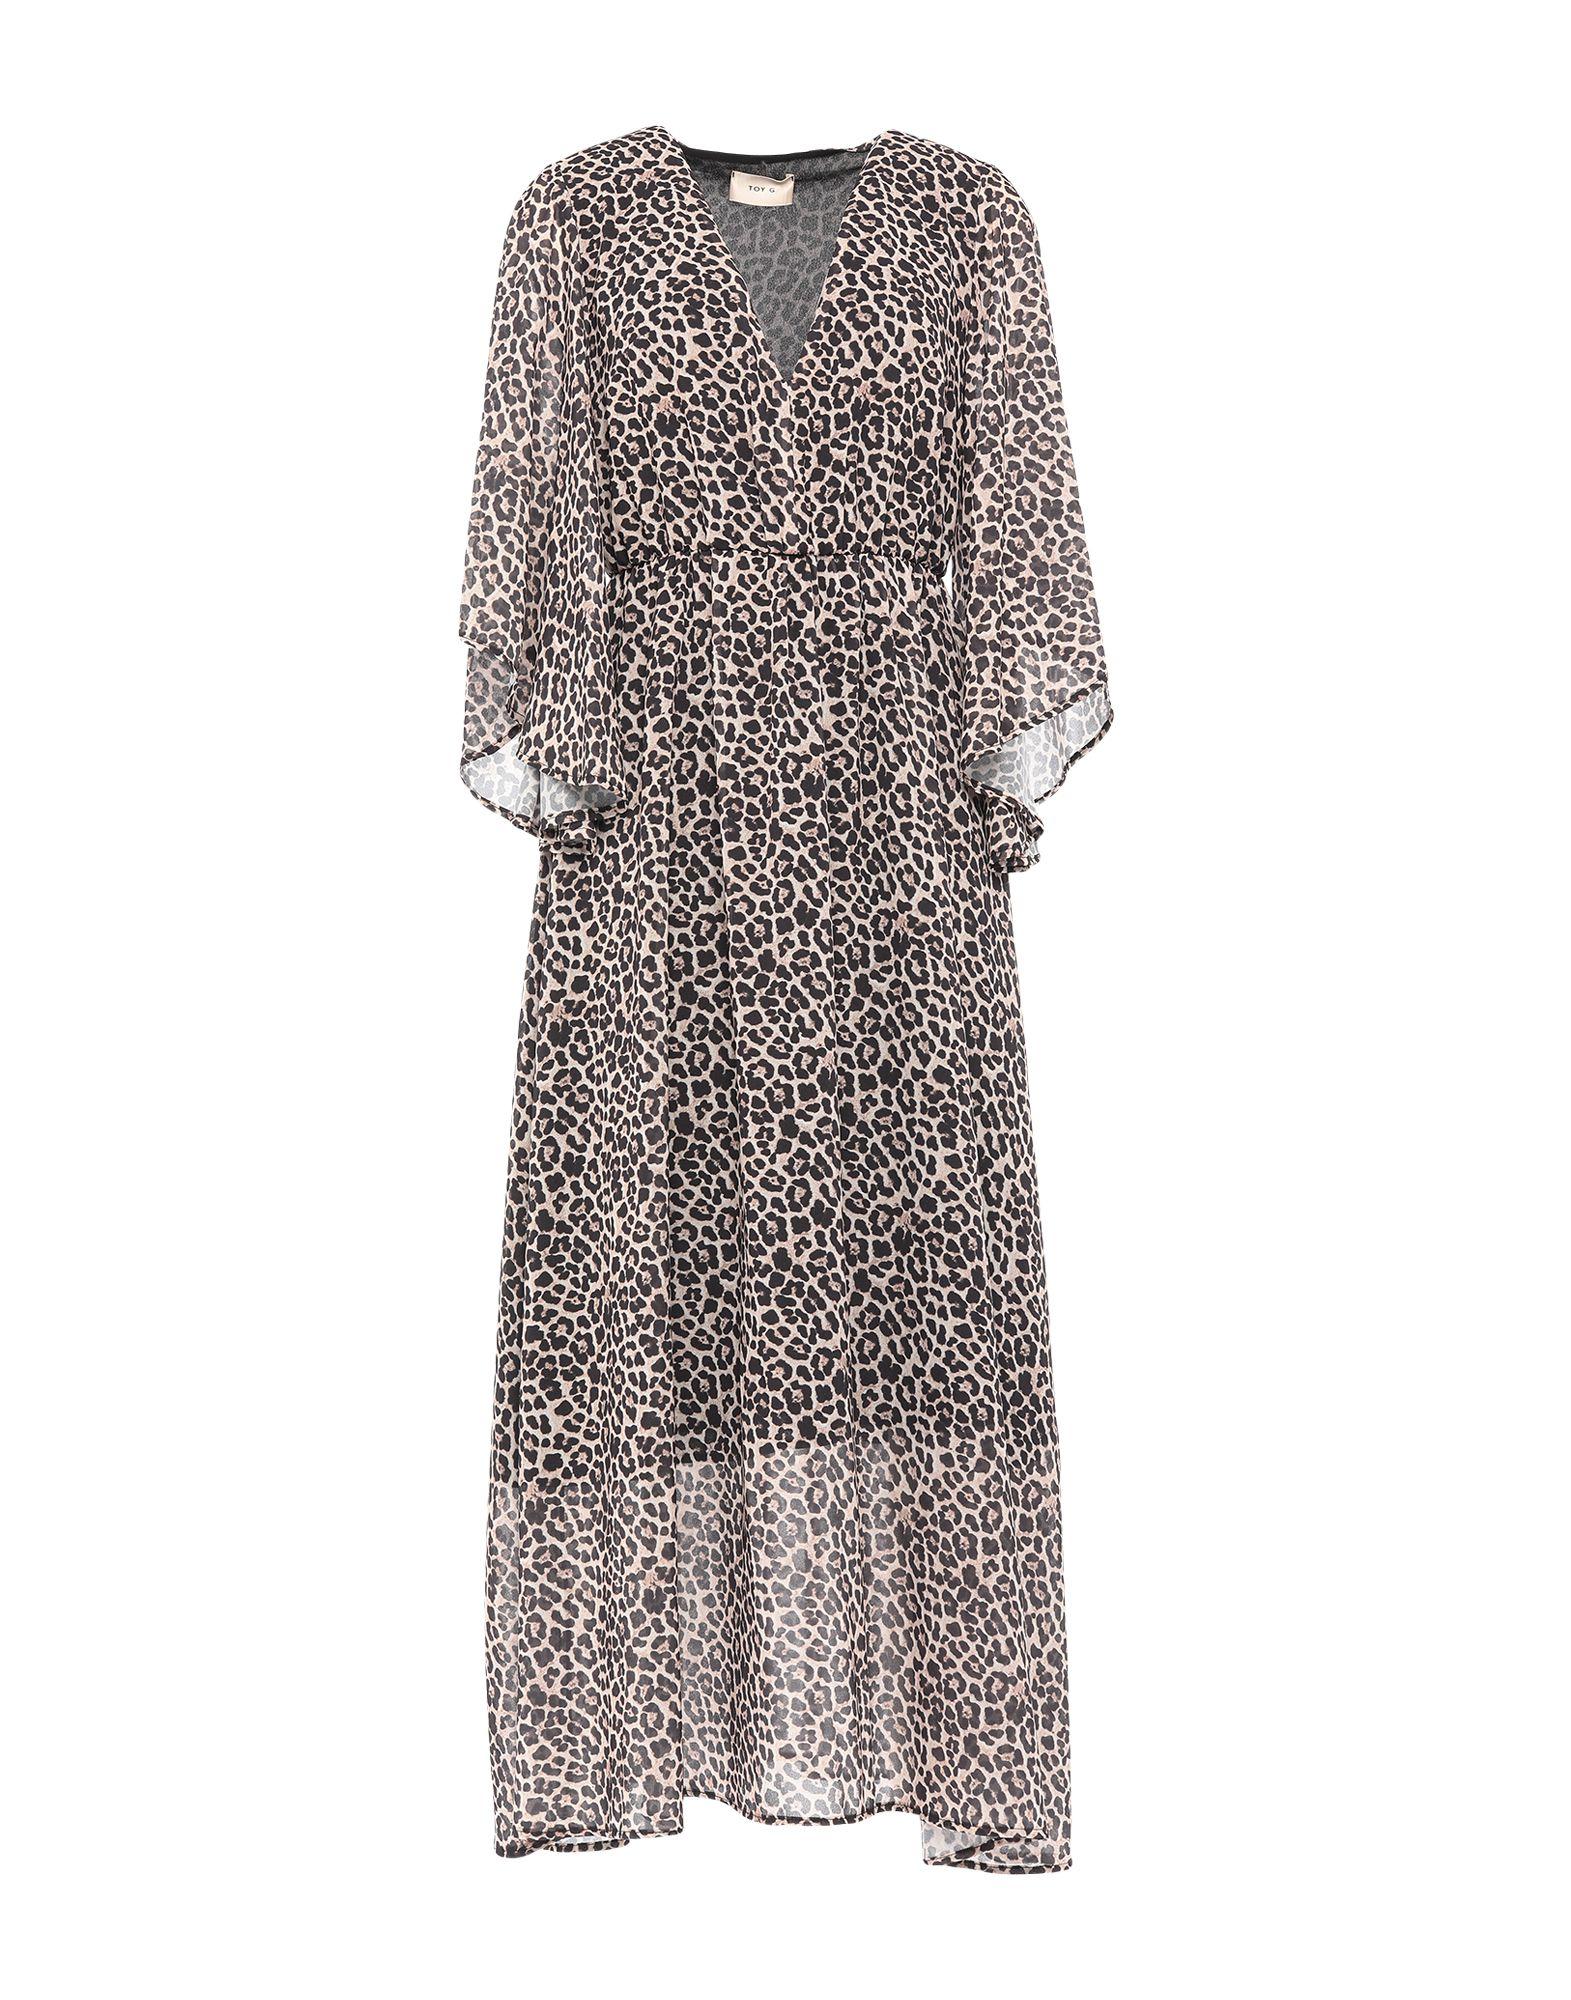 TOY G. Платье длиной 3/4 minimum платье длиной 3 4